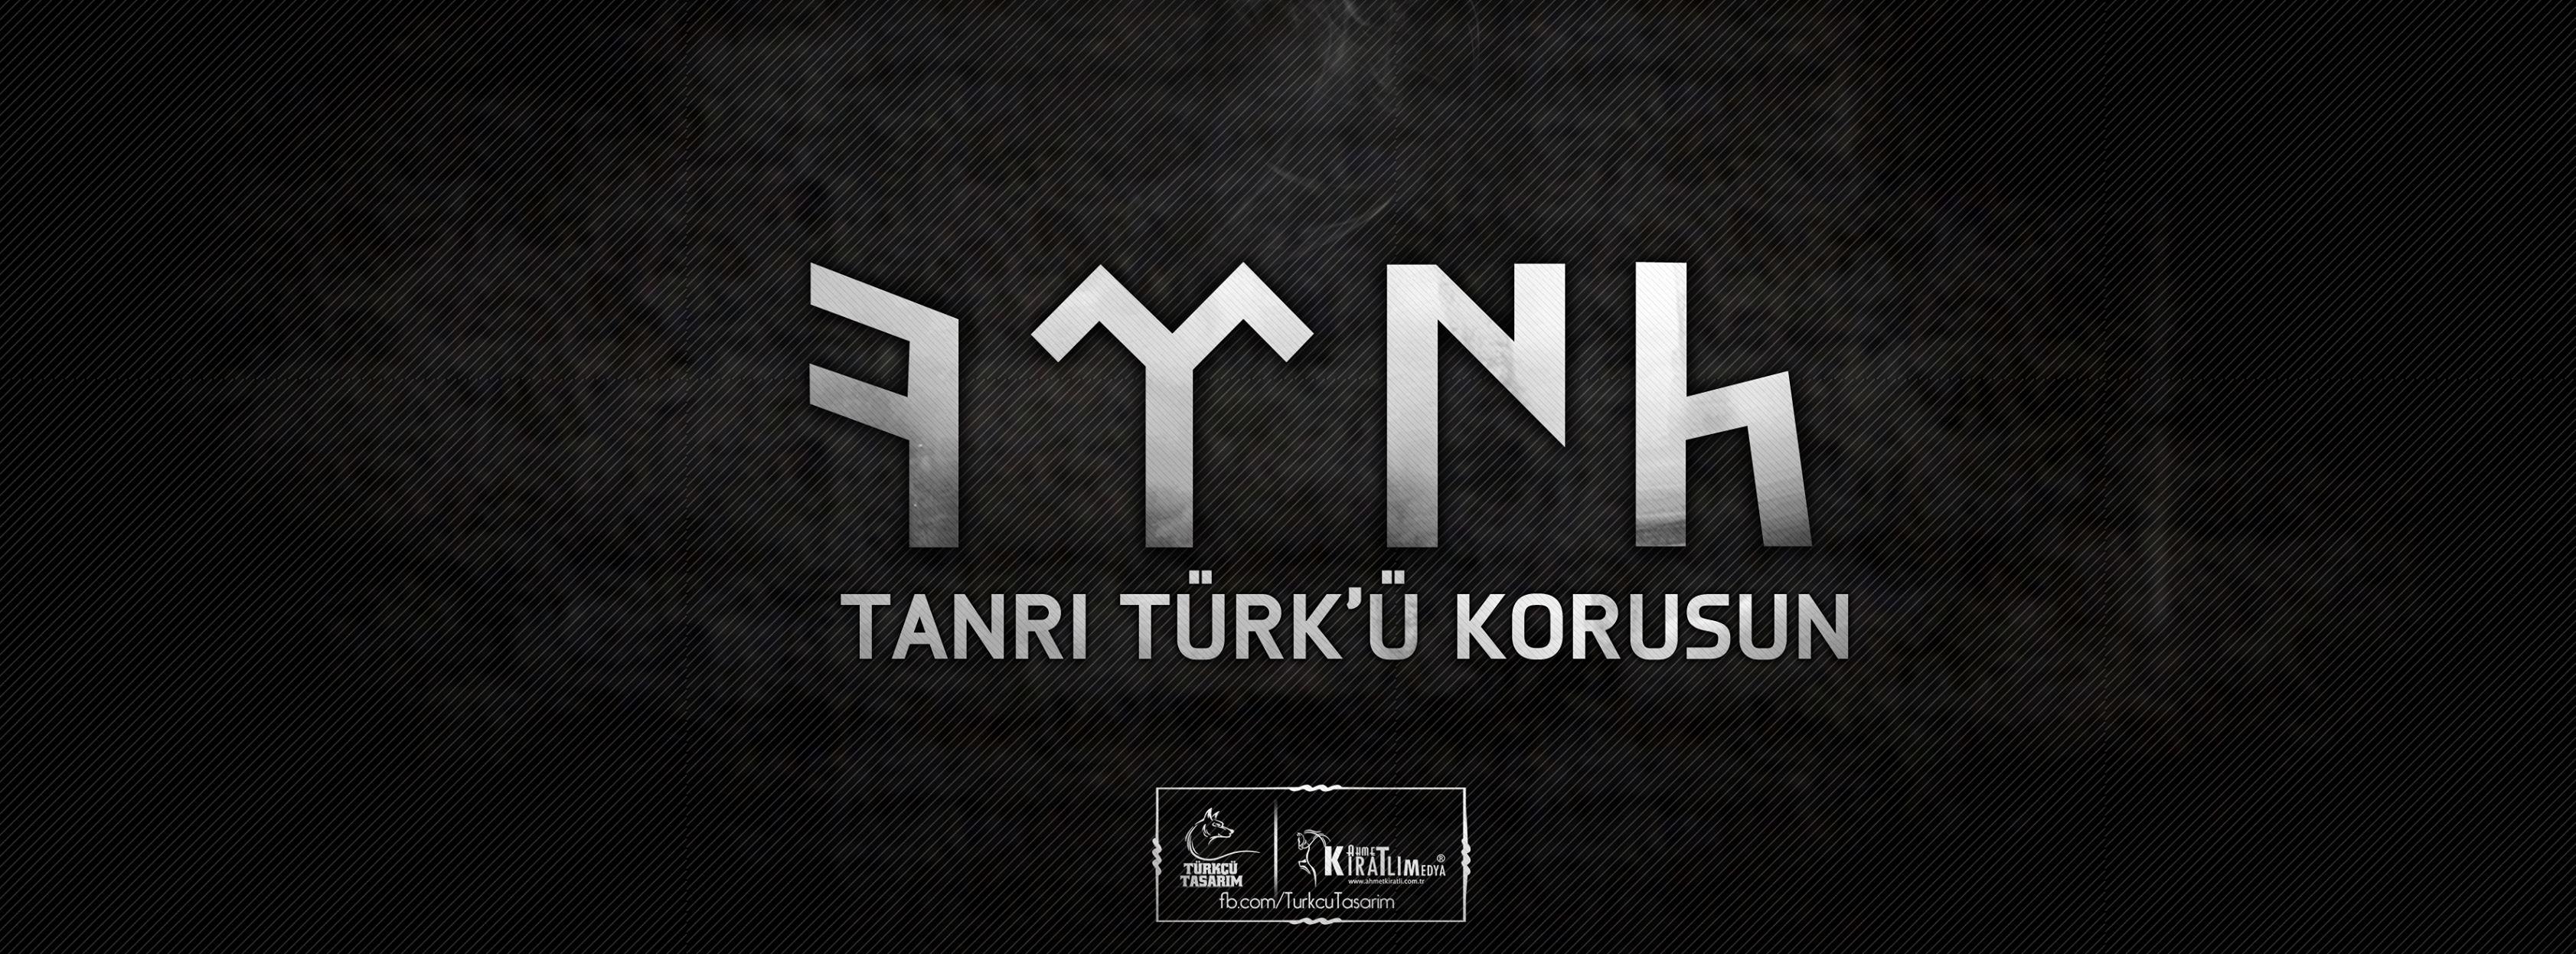 türk tanrı türkü korusun -kapak